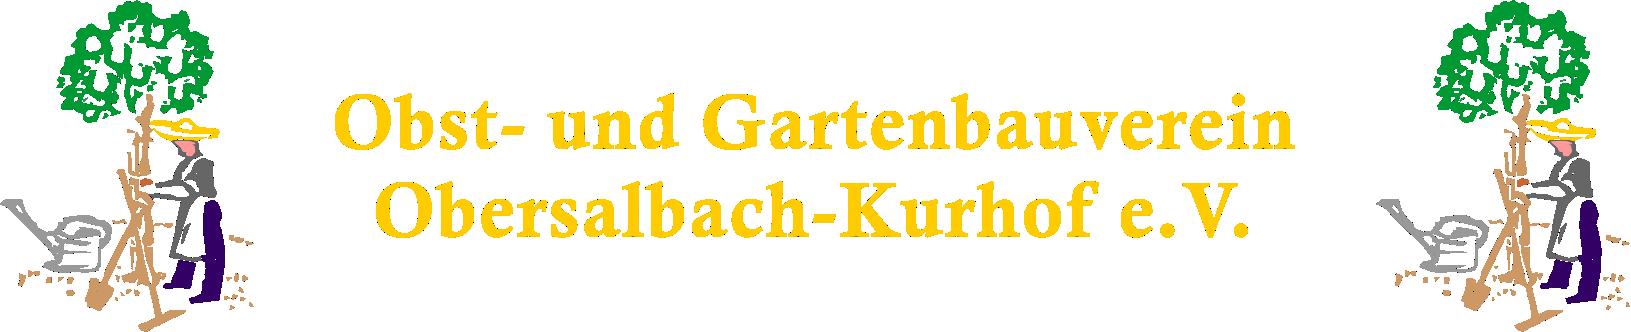 Obst- und Gartenbauverein - Obersalbach-Kurhof e.V.